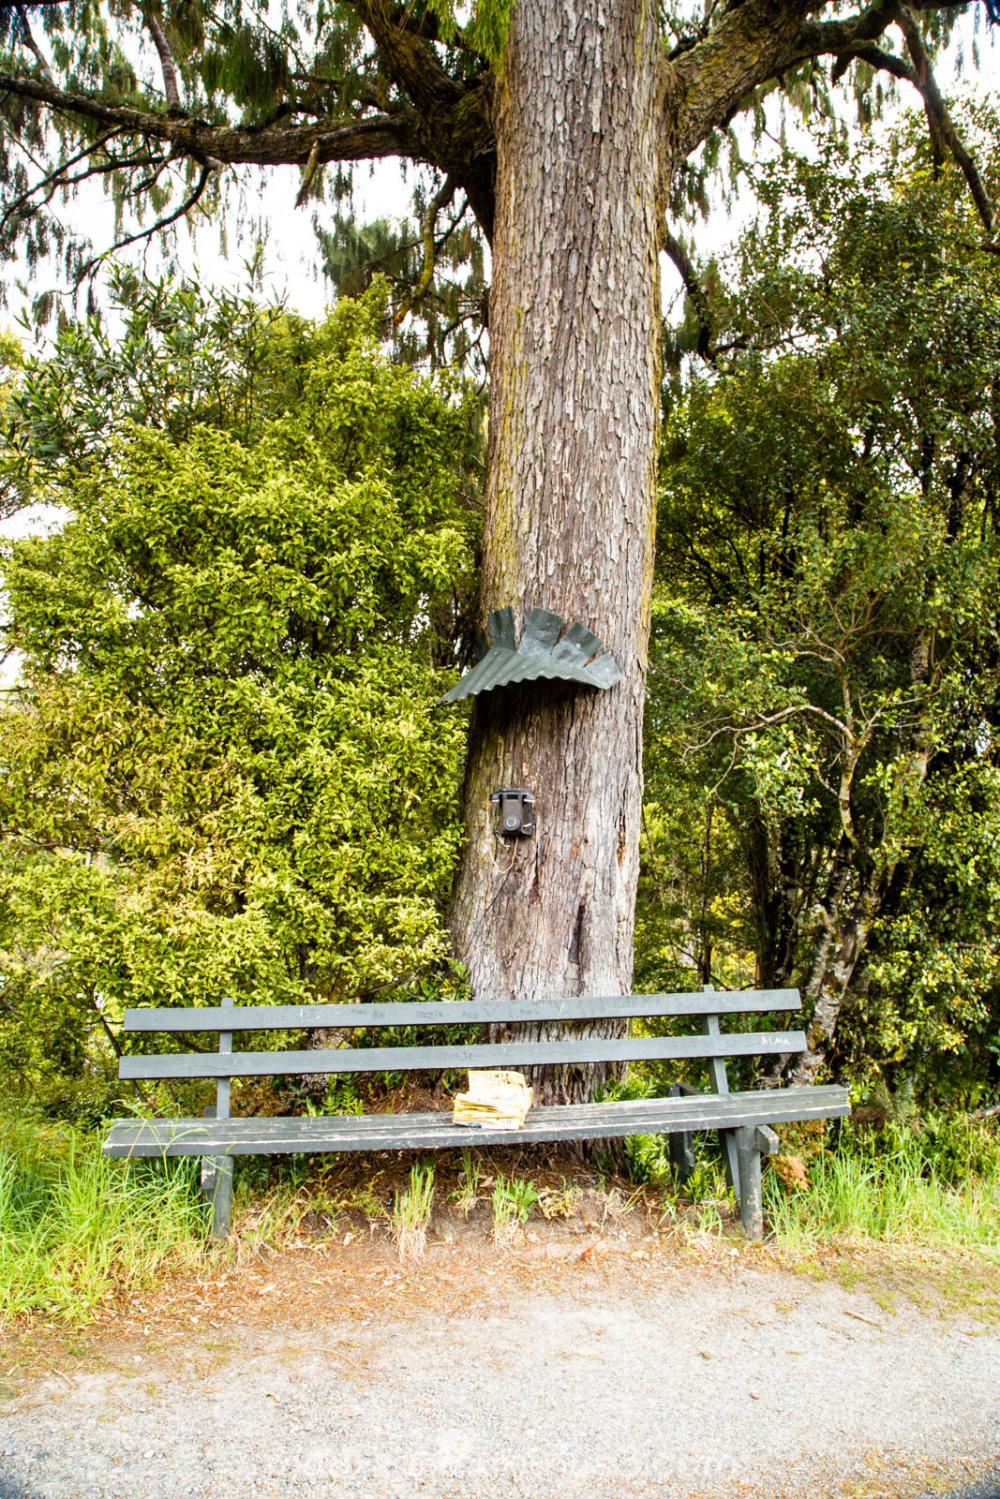 Tree Phone I